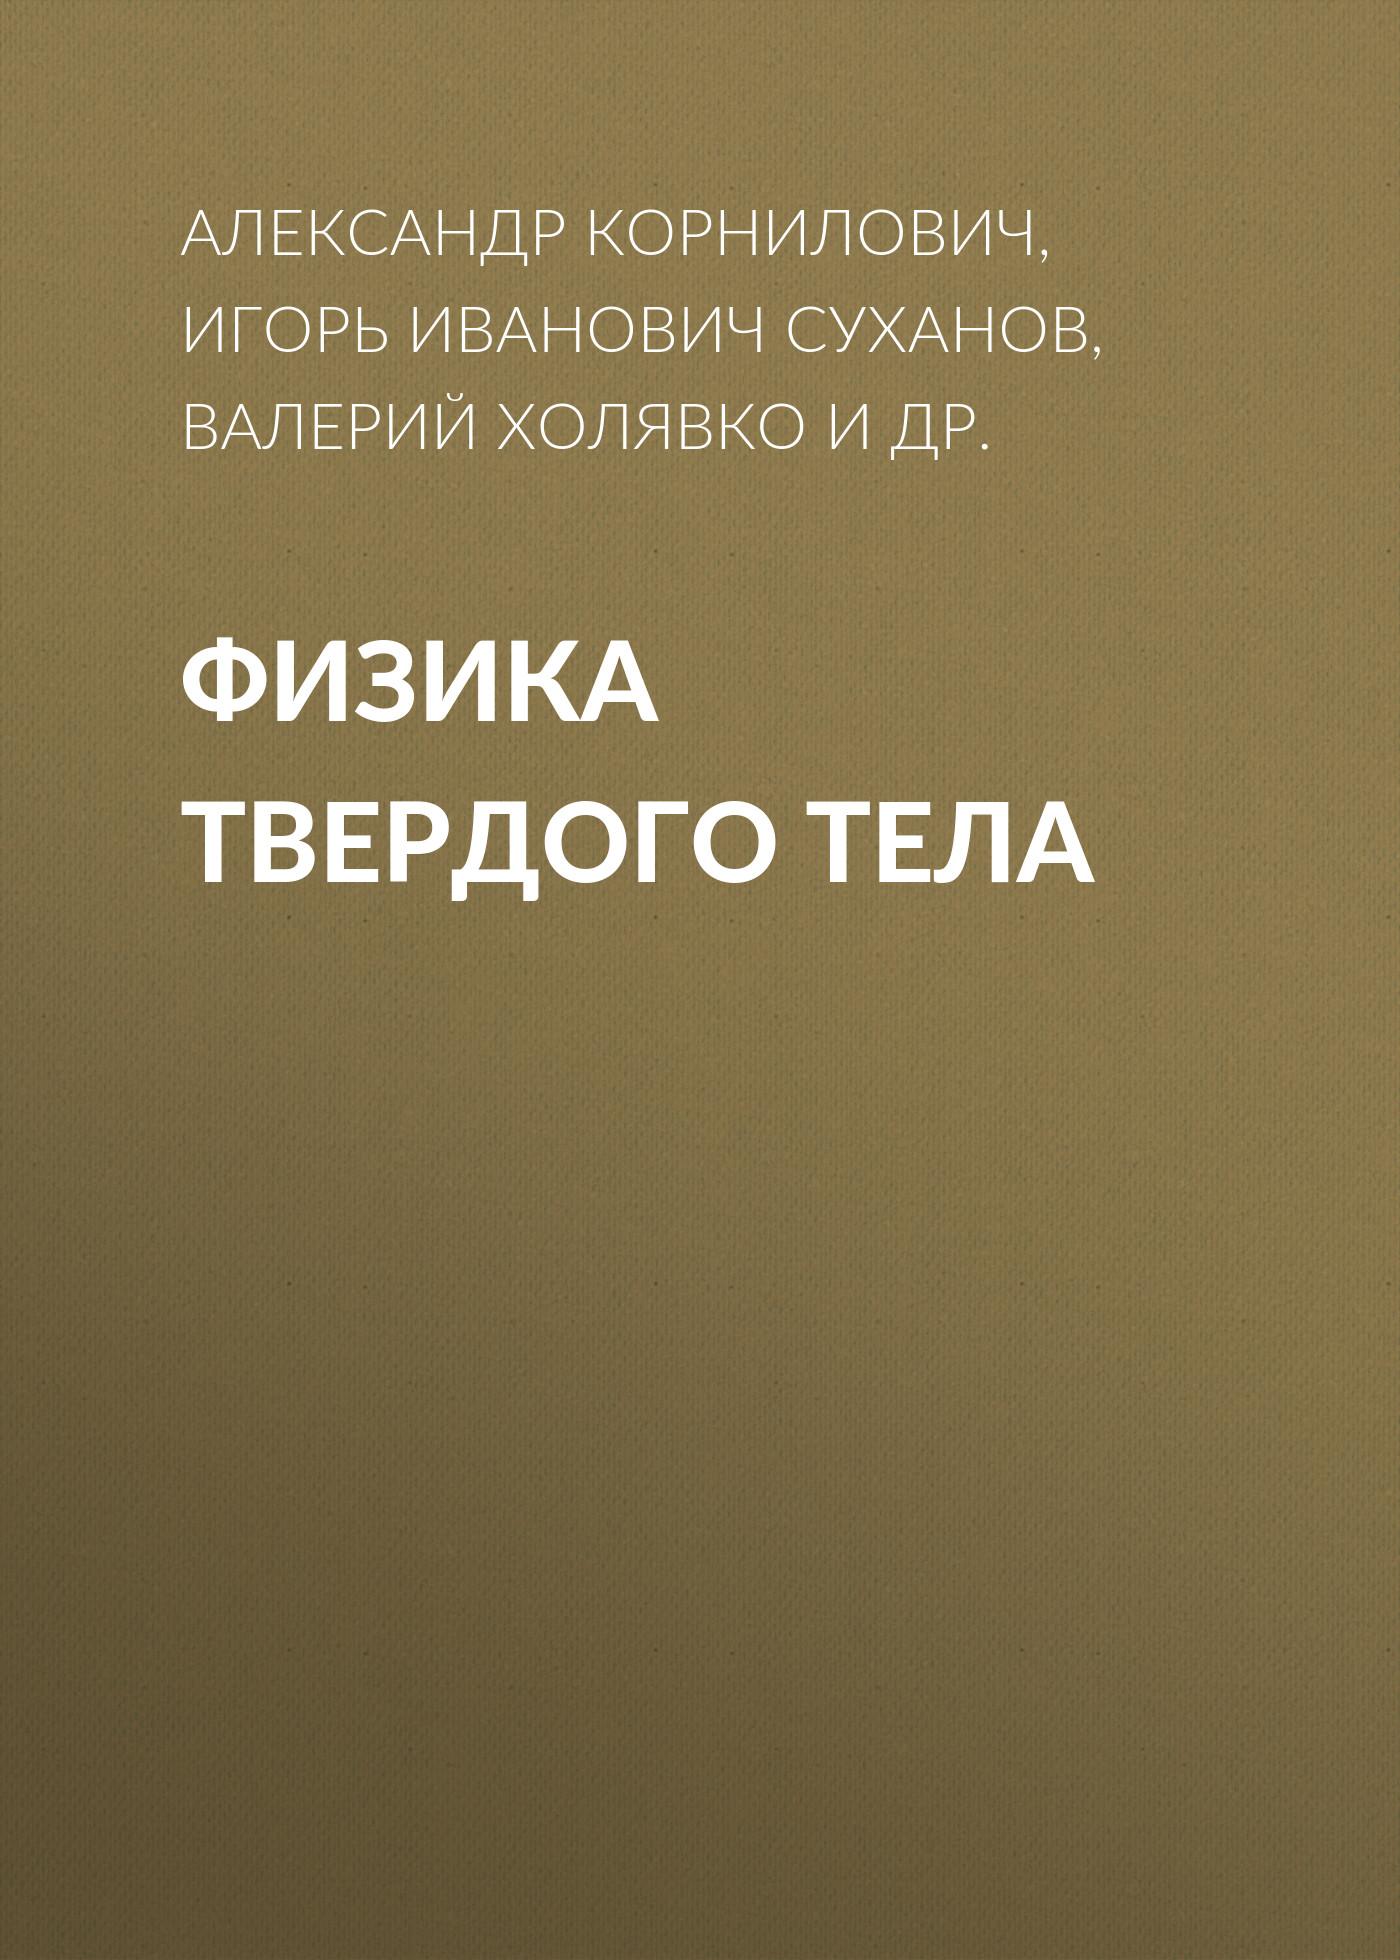 Игорь Иванович Суханов Физика твердого тела крынецкий и б общая физика руководство по лабораторному практикуму учебное пособие